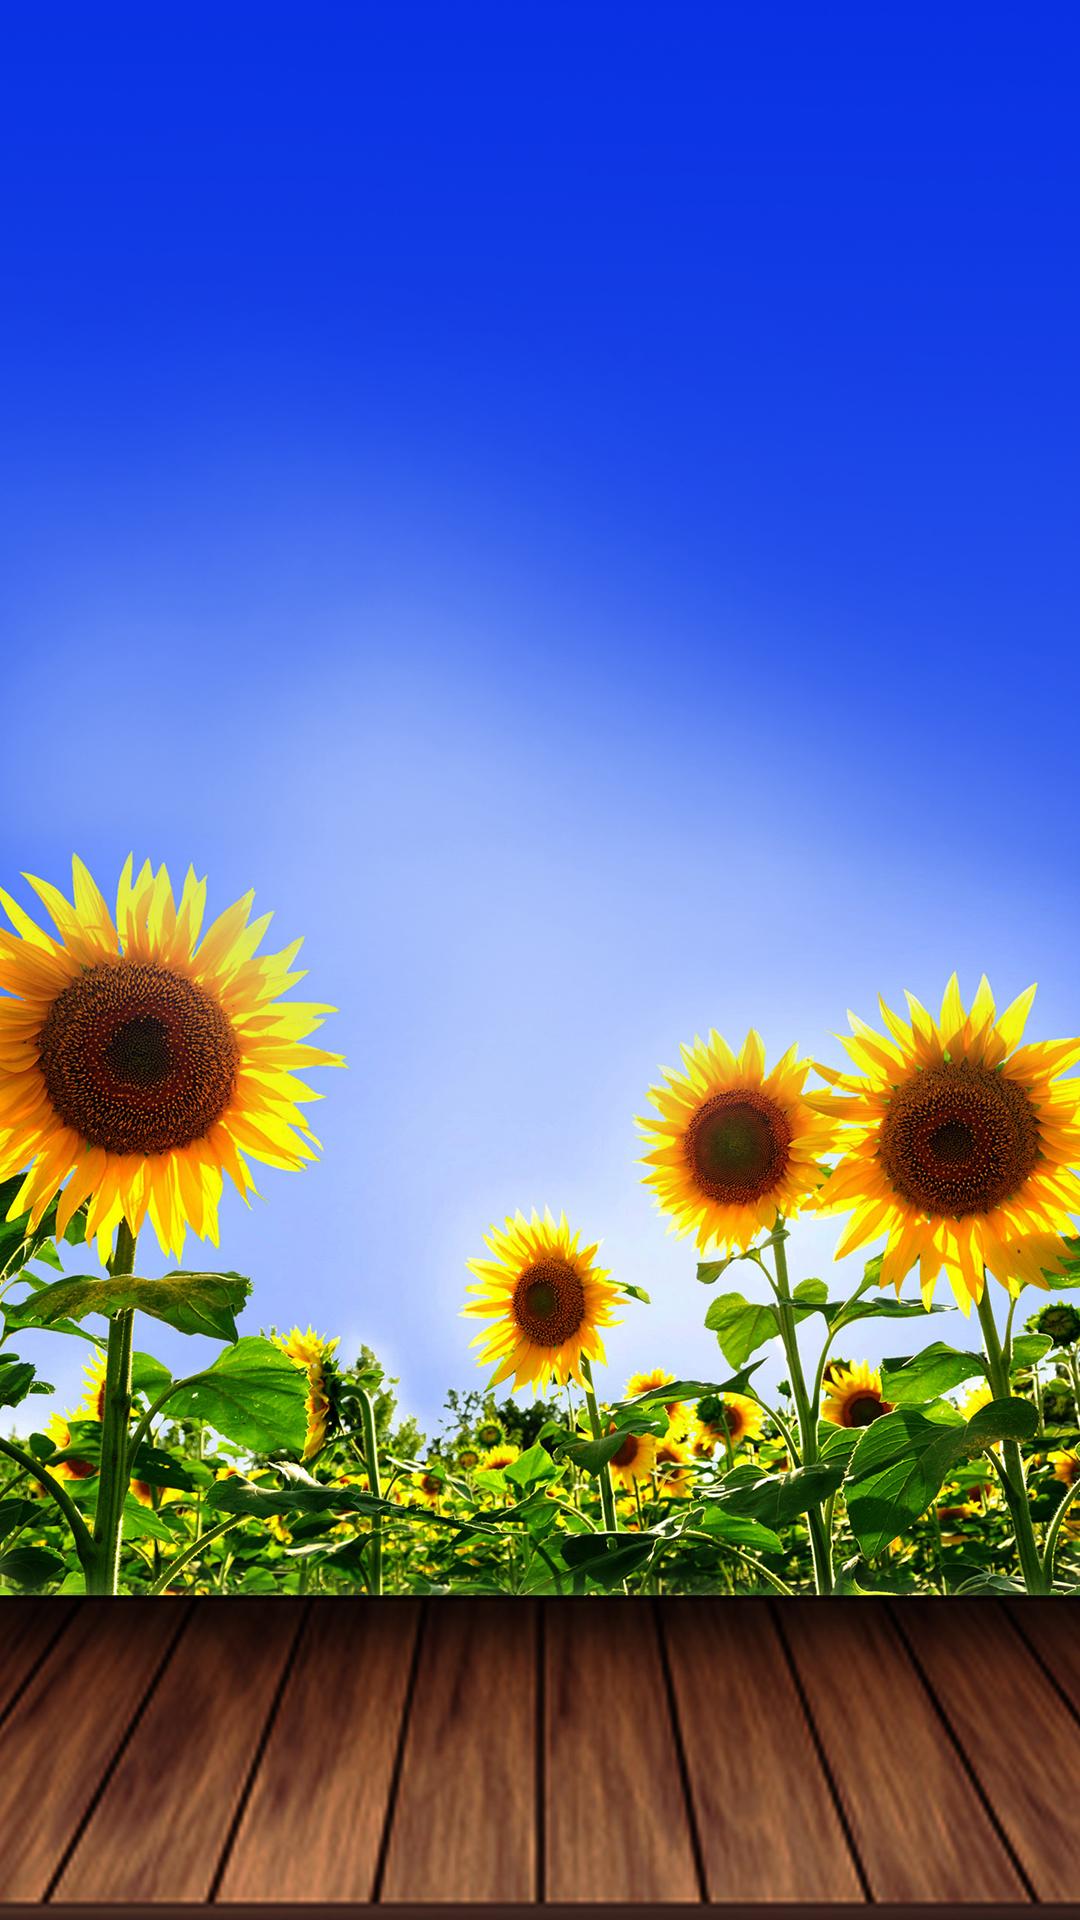 Free Wallpaper Phone: Summer Sunflower Wallpaper iPhone 5 SE